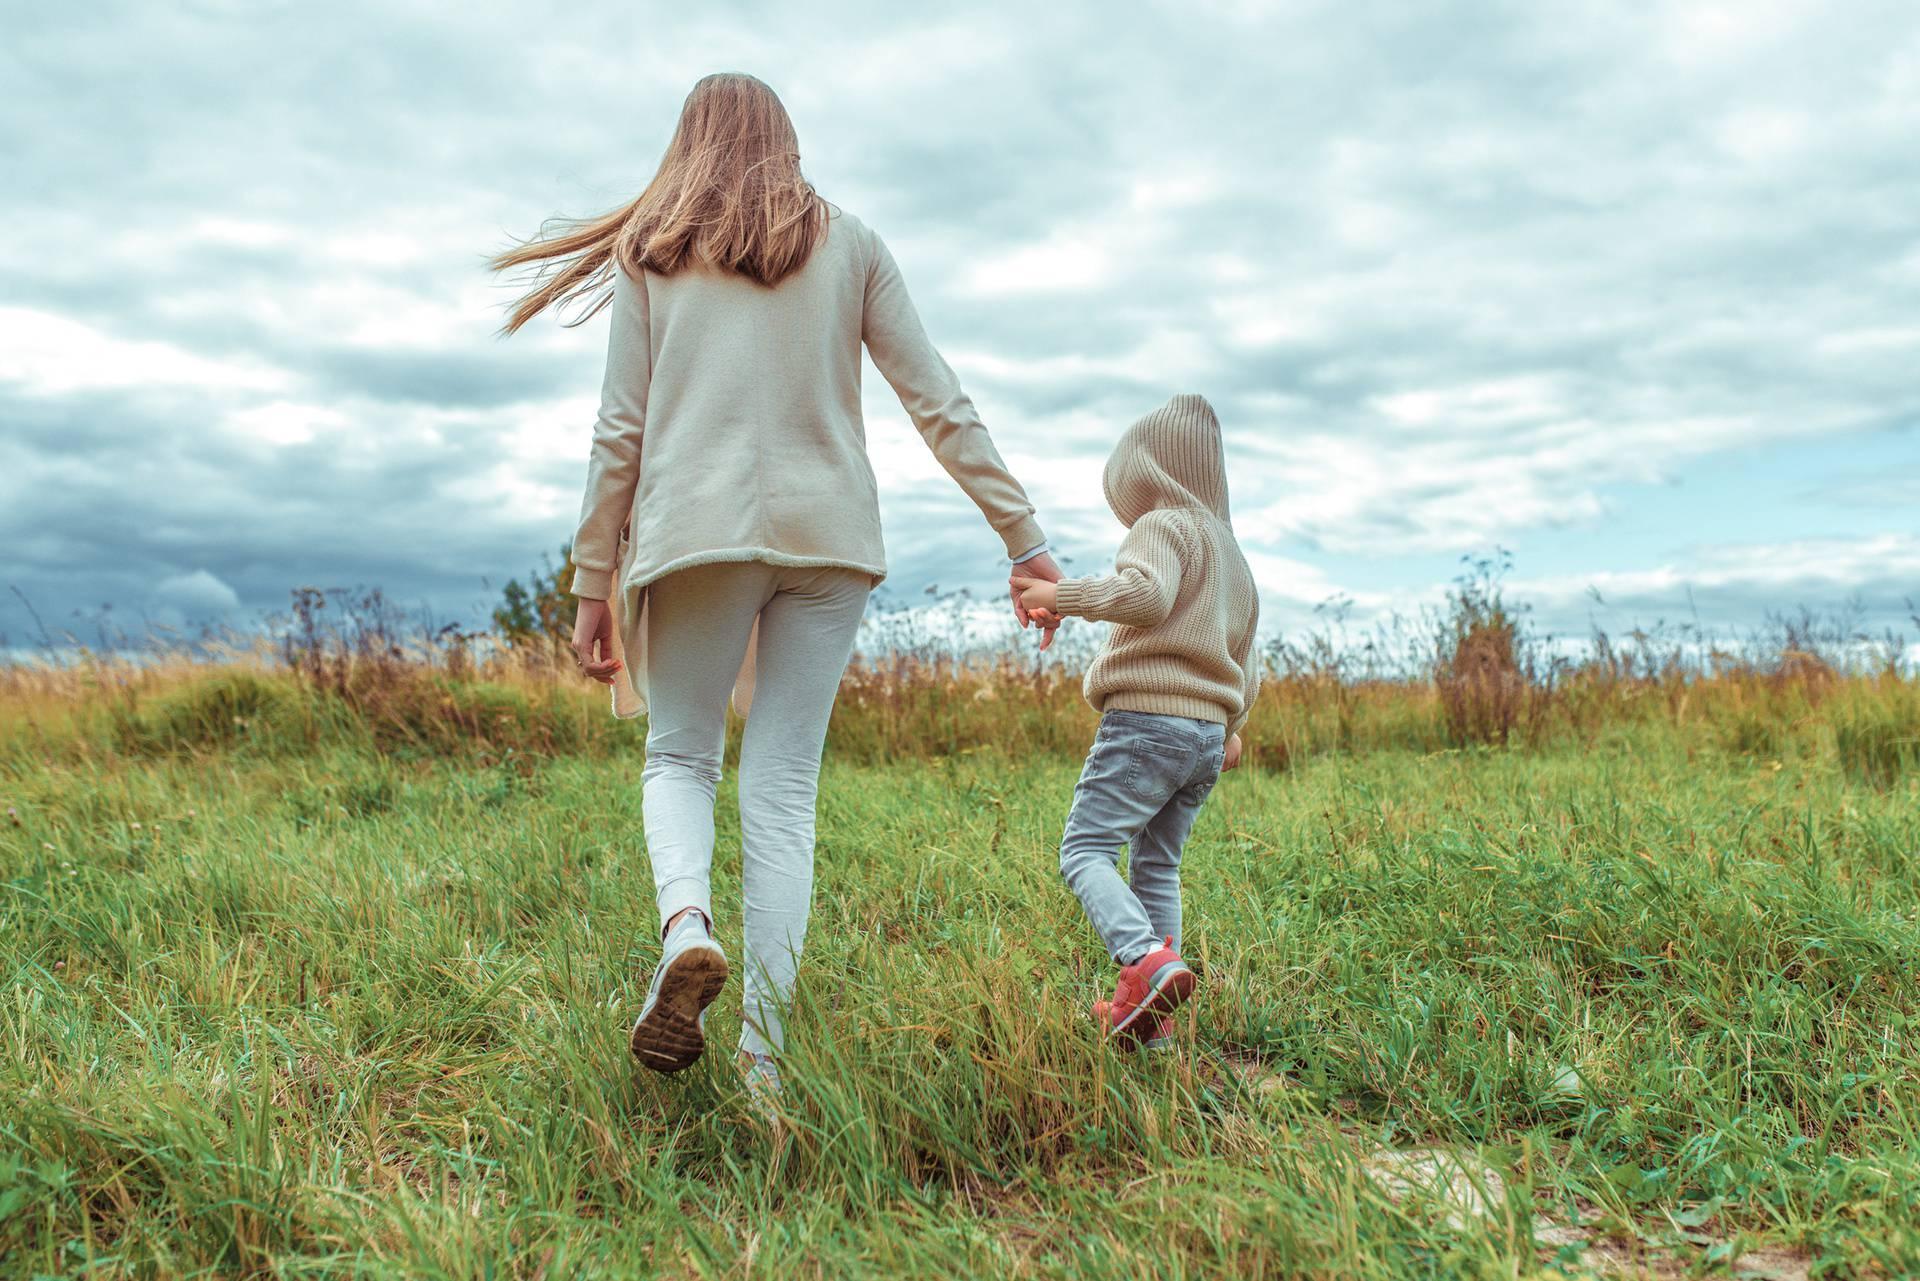 'Otkrila sam savršenu aktivnost sa sinom, a i naučimo baš puno'